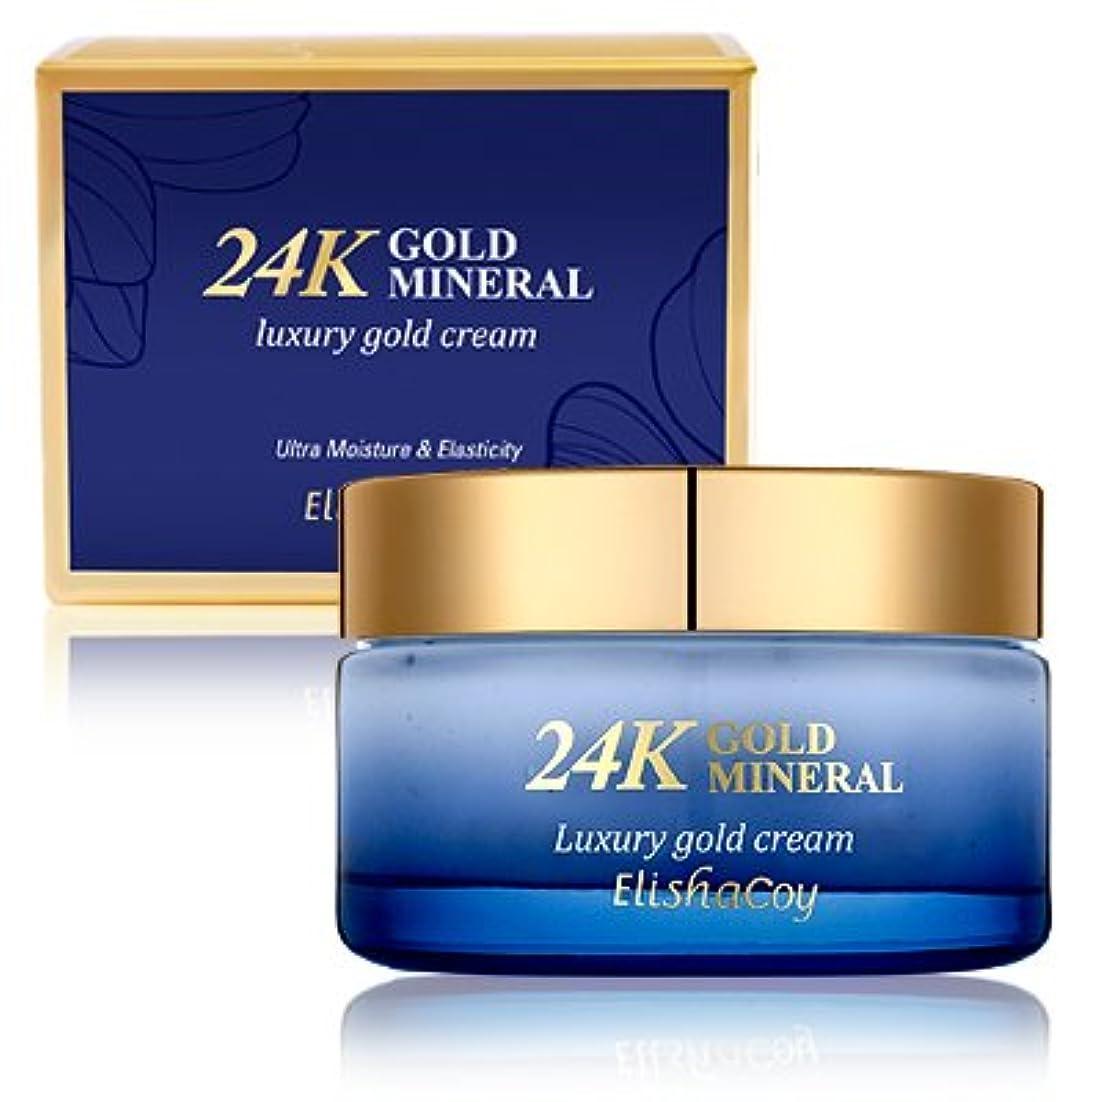 本体有毒な欠乏保湿クリーム エリシャコイ24Kゴールドミネラルクリーム50g